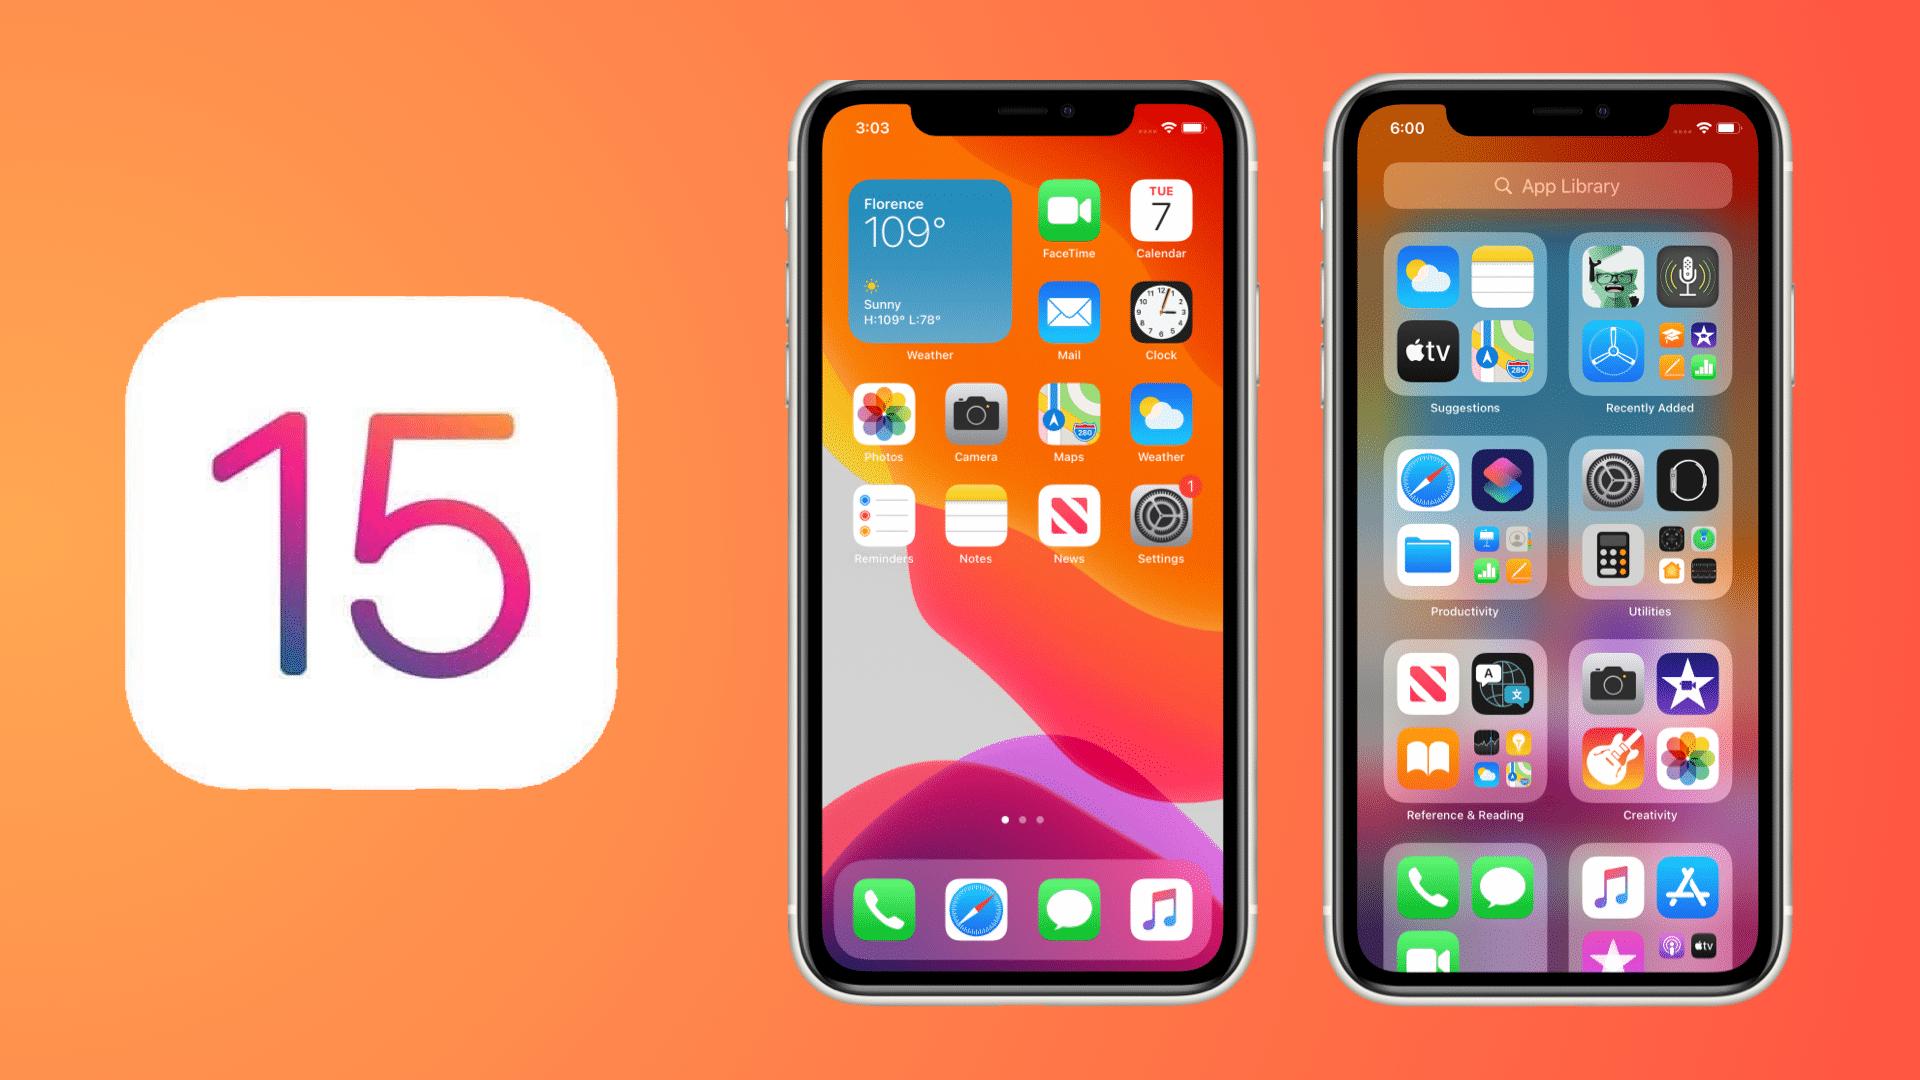 iOS 15: Tegemea kuona ukiulizwa kama unataka kuona matangazo yanayokelenga